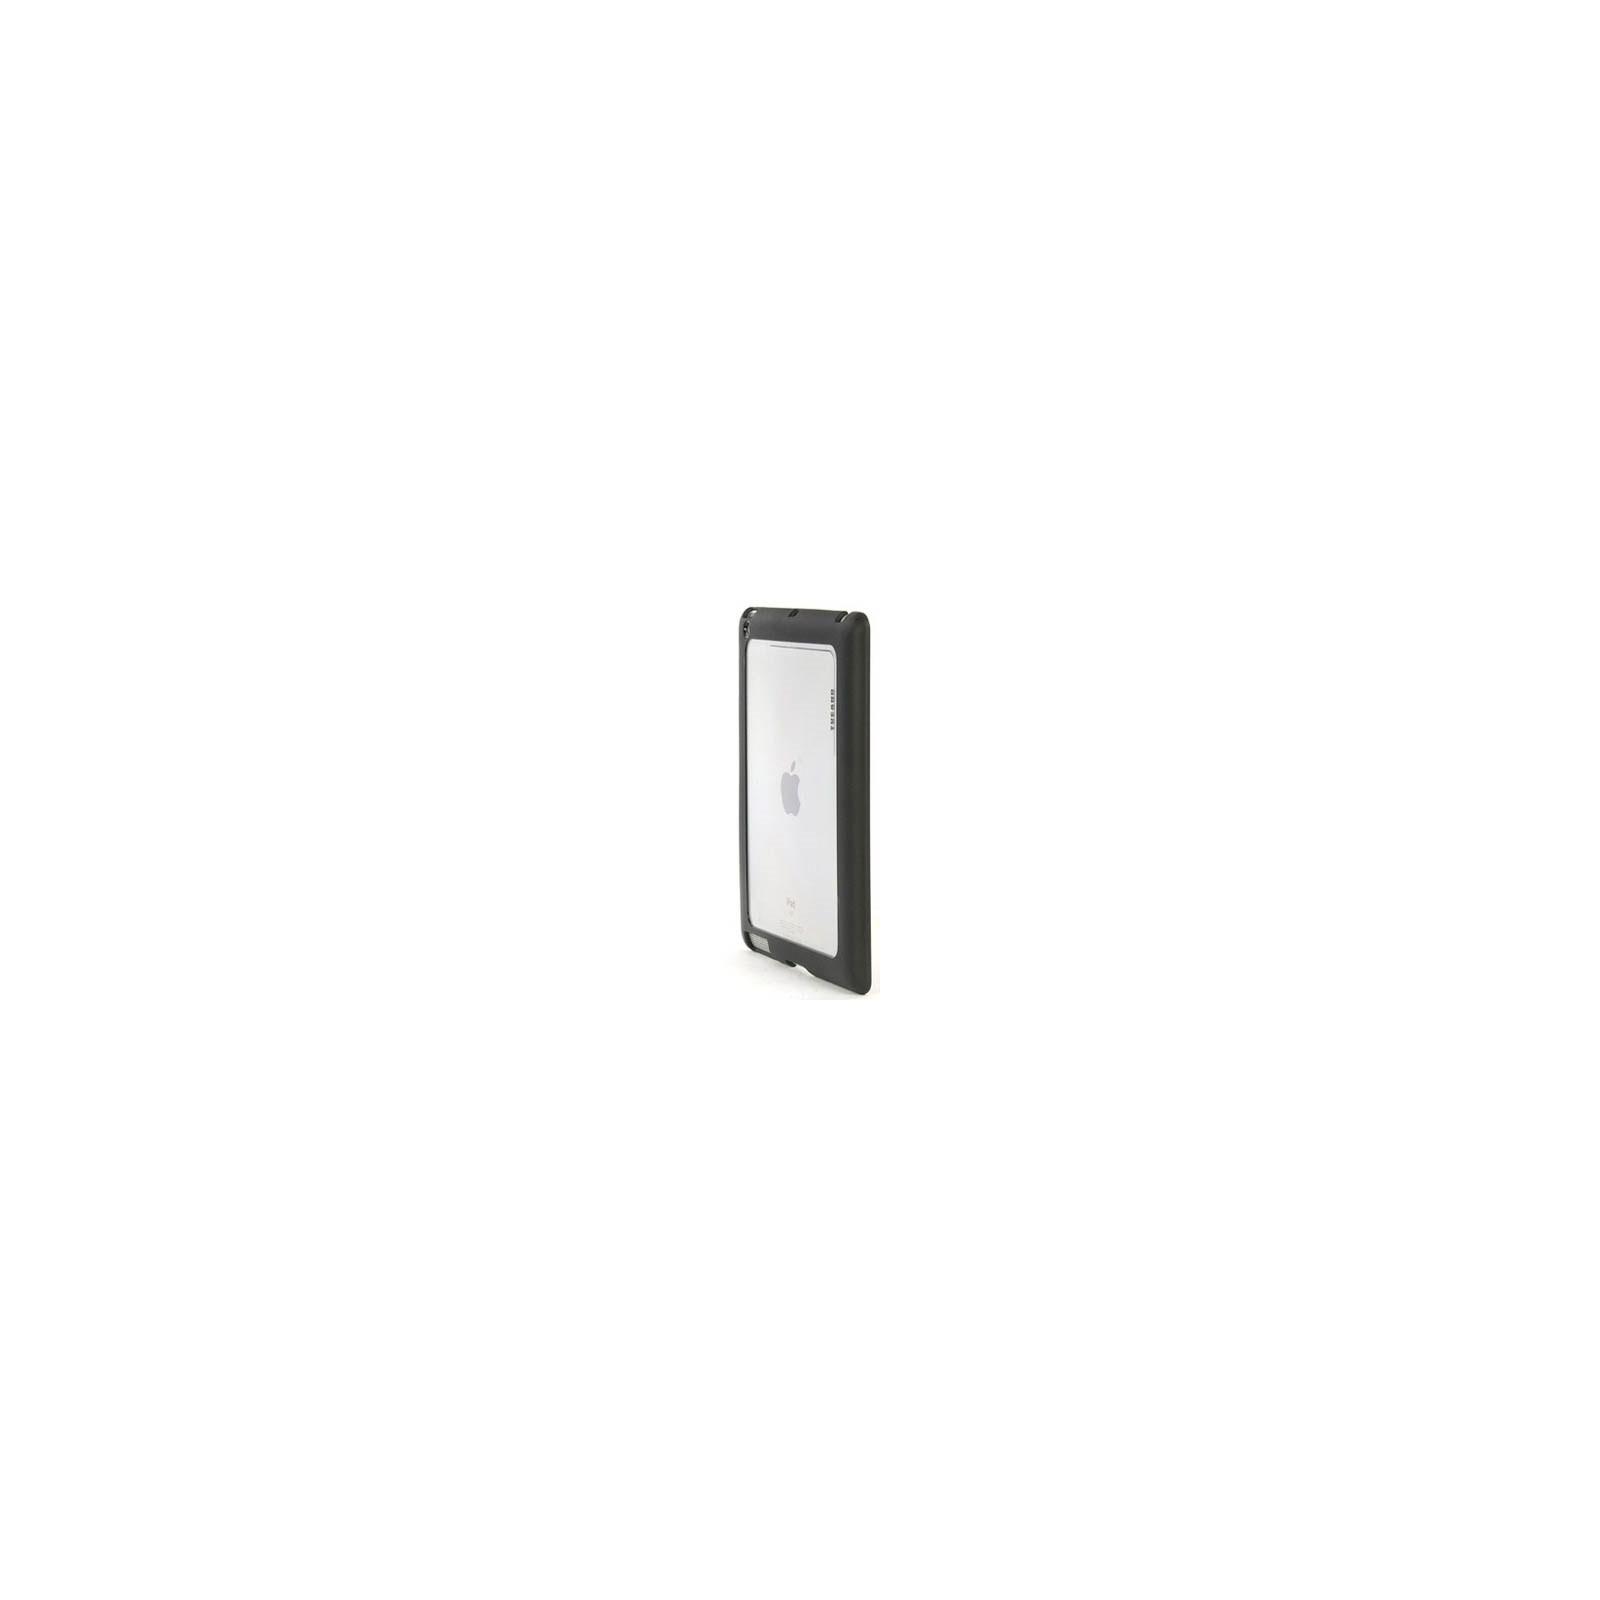 Чехол для планшета Tucano iPad2/3/4 Bordo Rubber+Polycarbonate (IPDBO23)